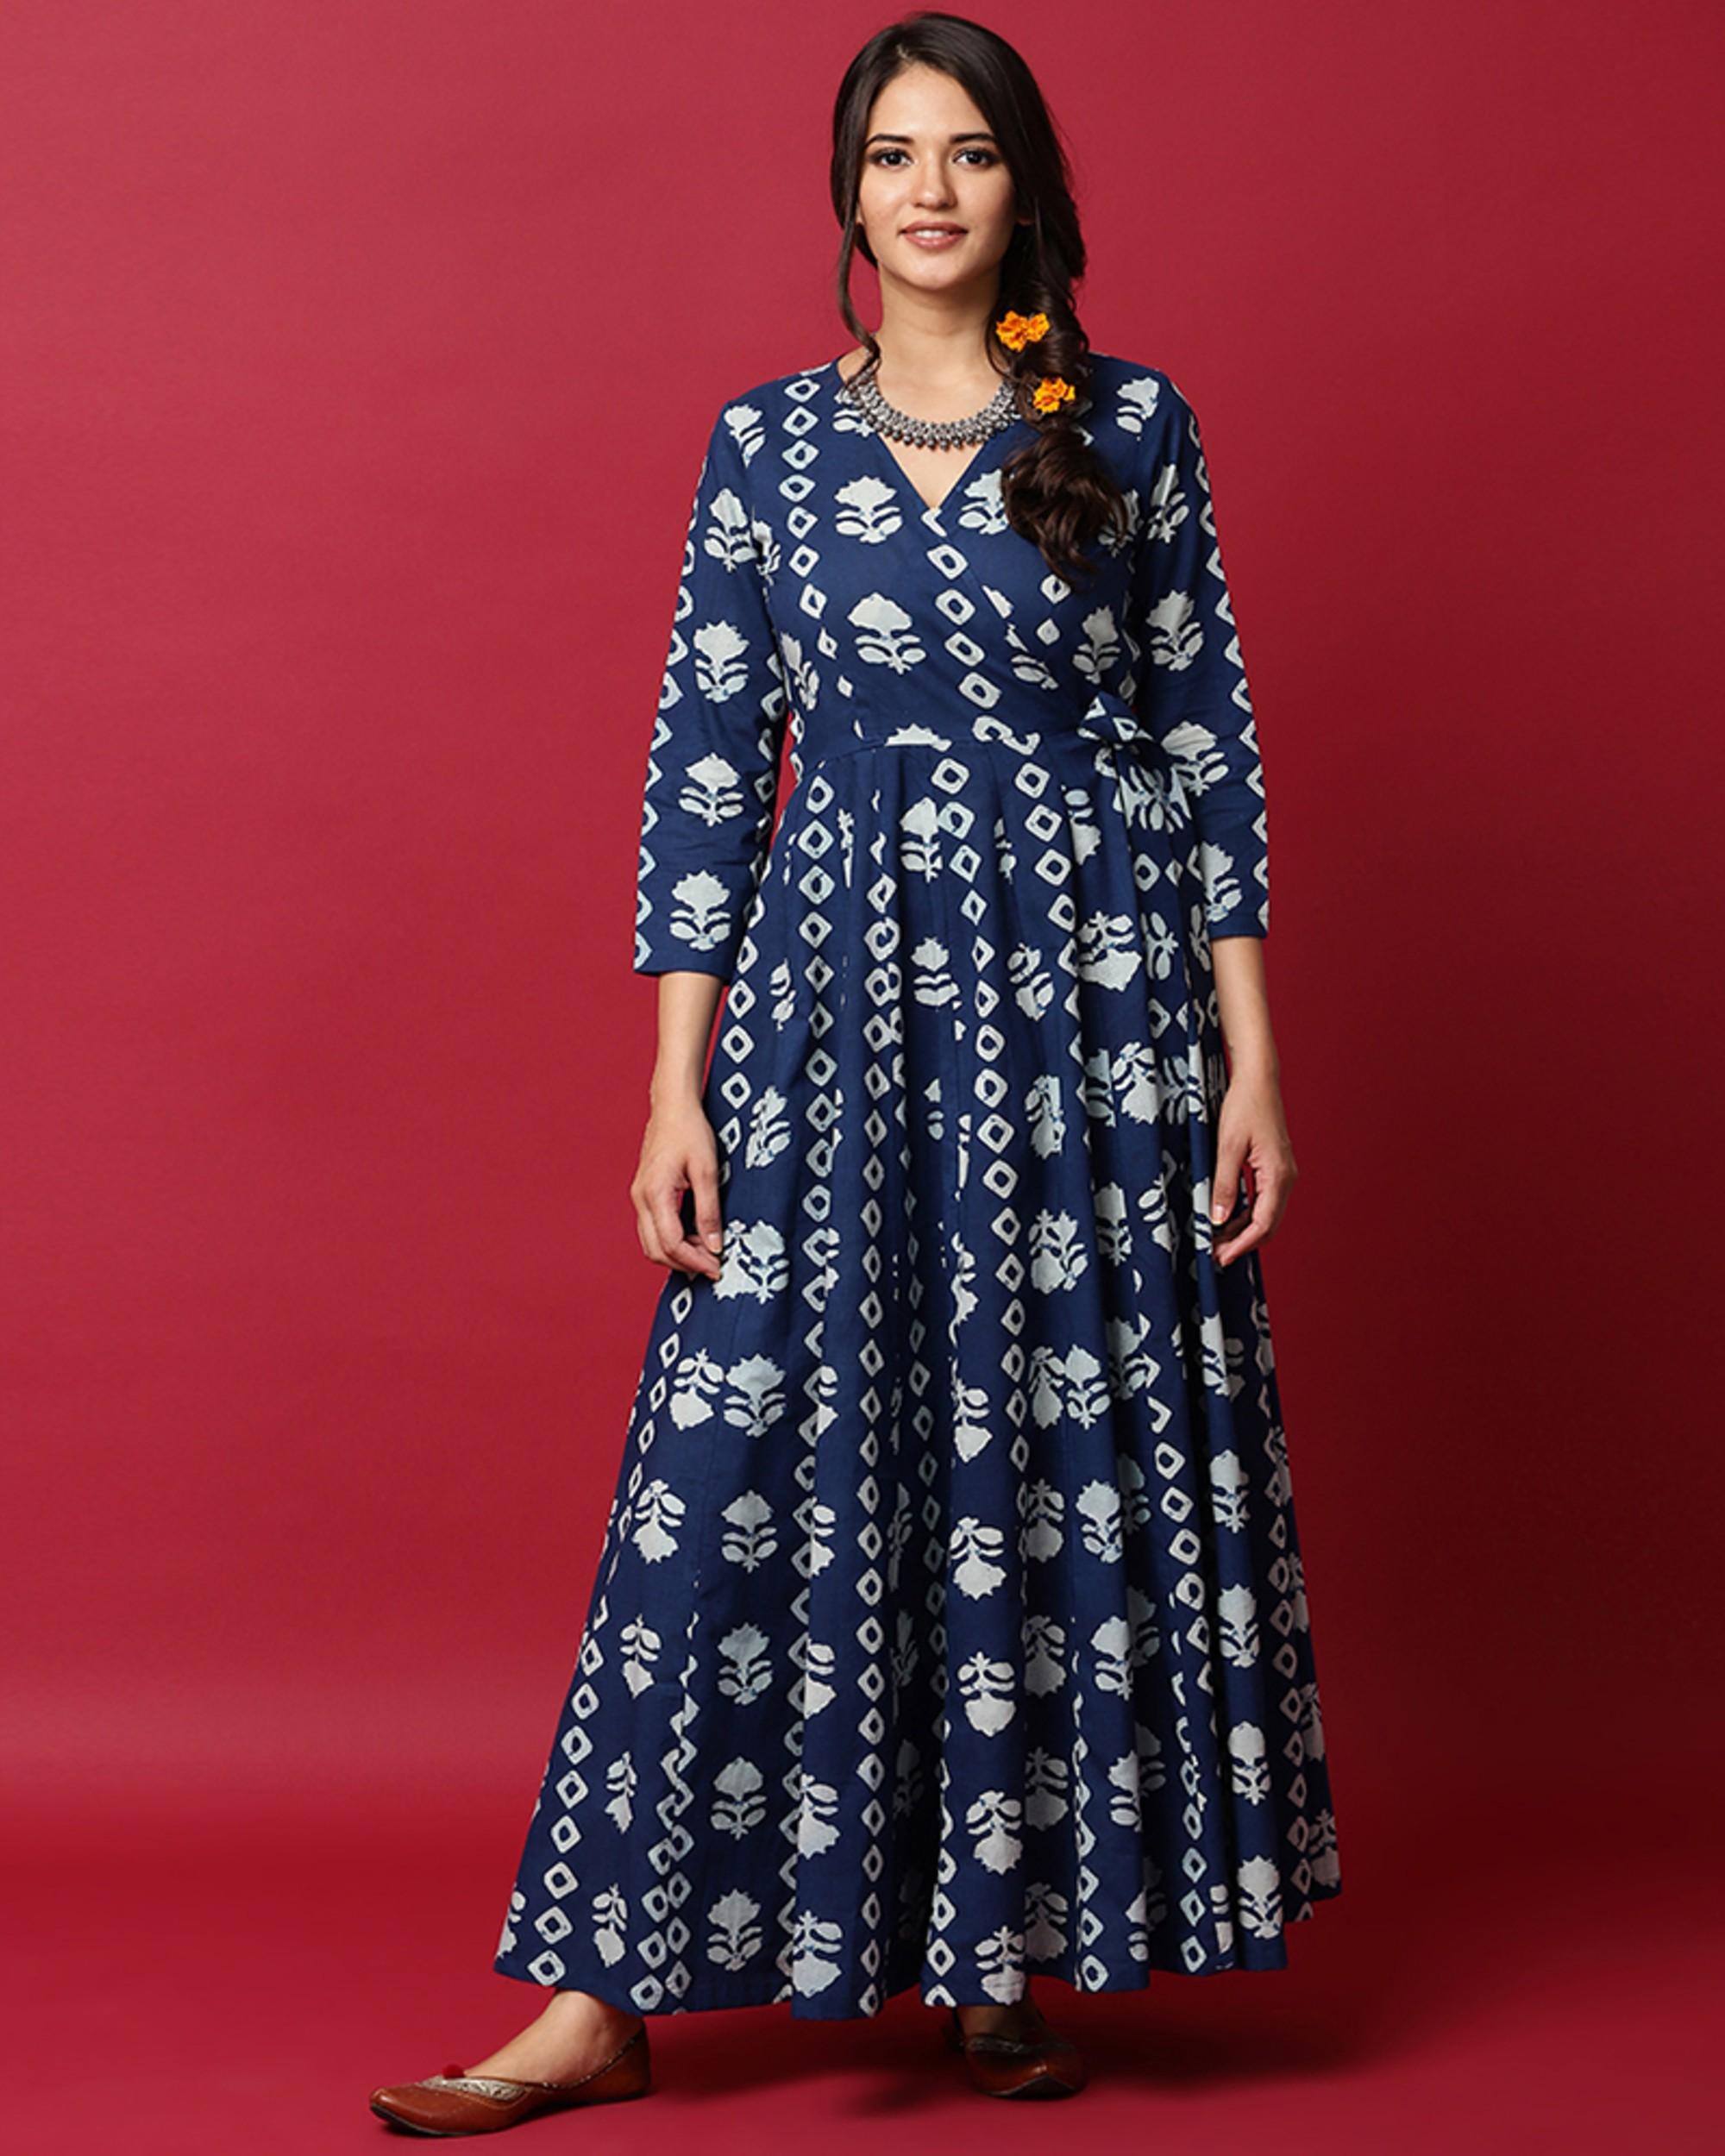 Indigo and white floral printed angrakha dress